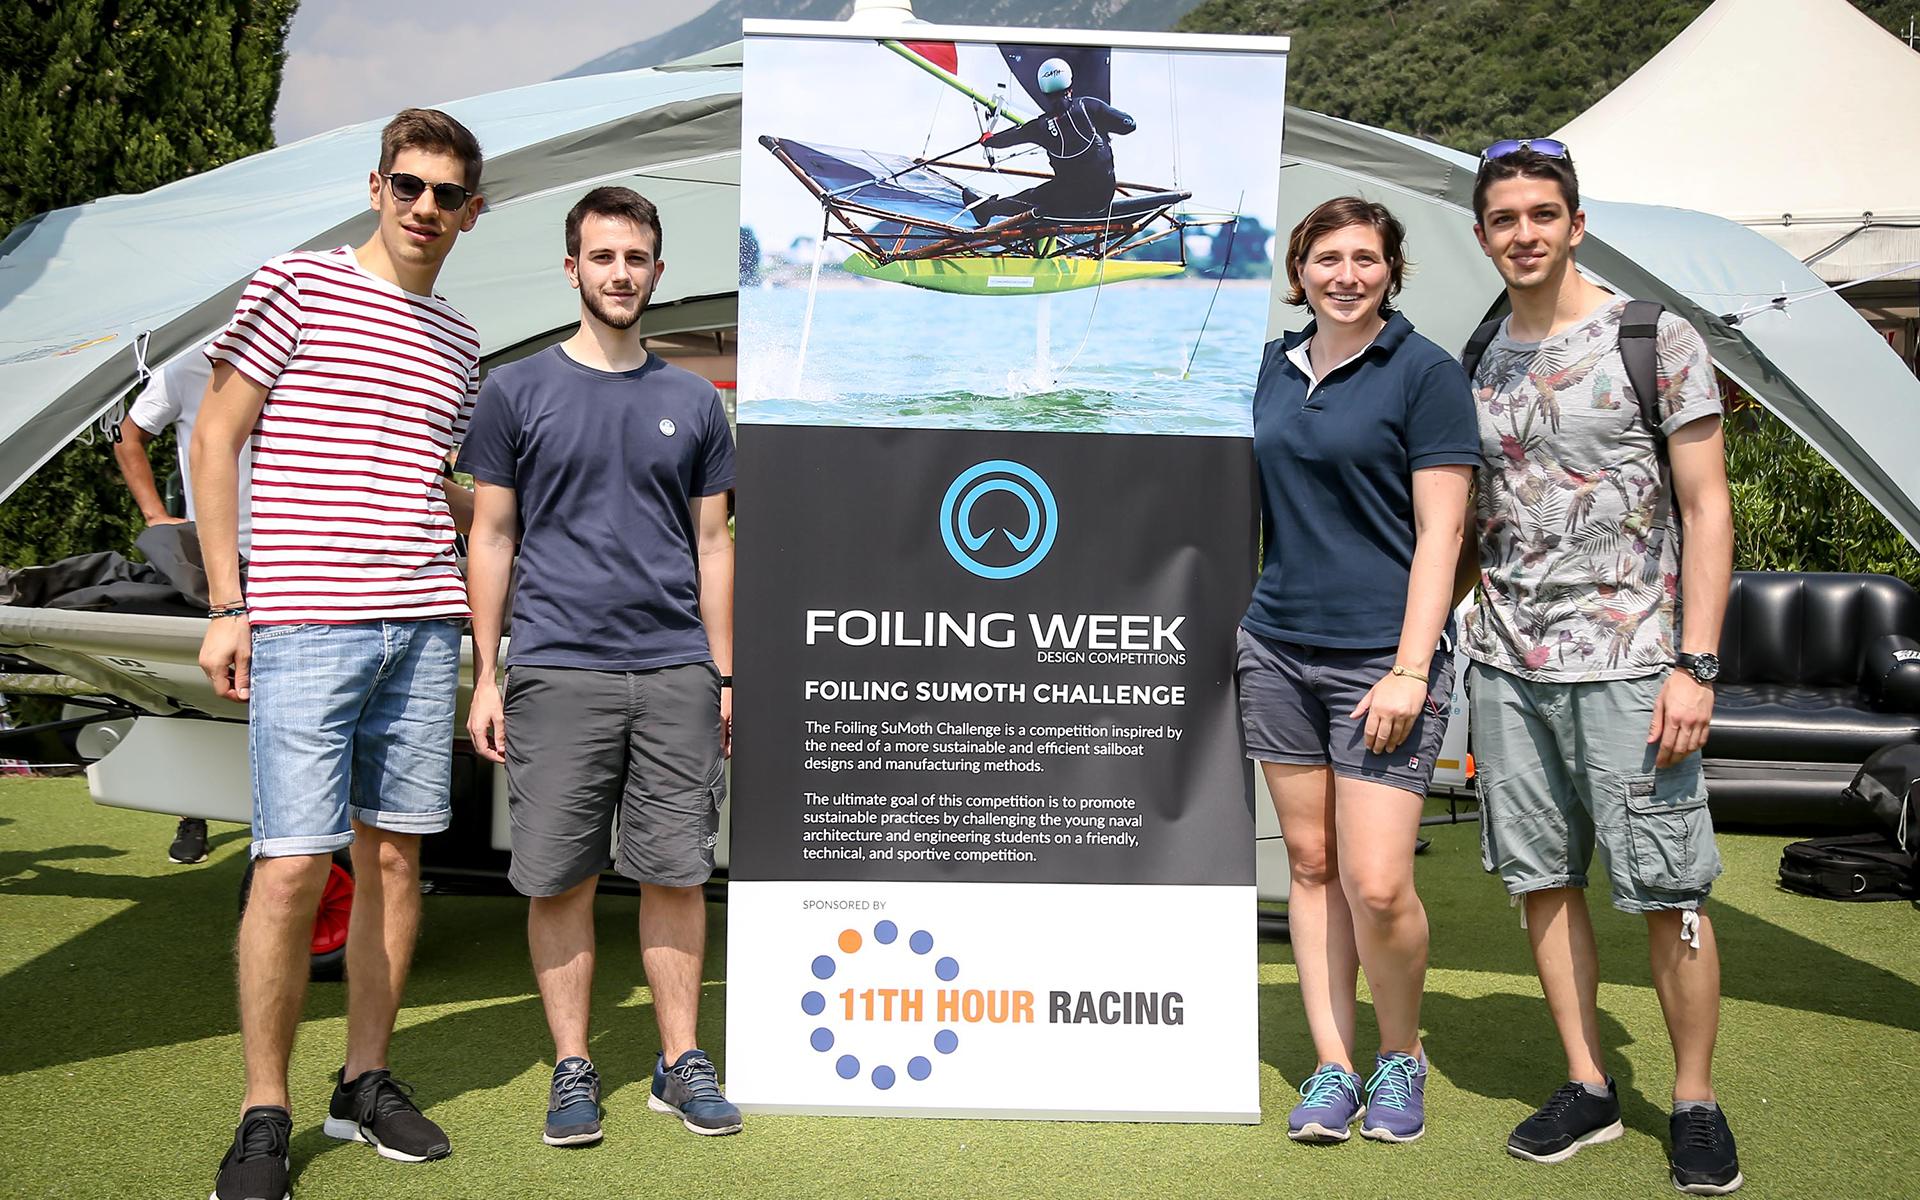 Foiling-Week-Lake-Garda-Italy-2019